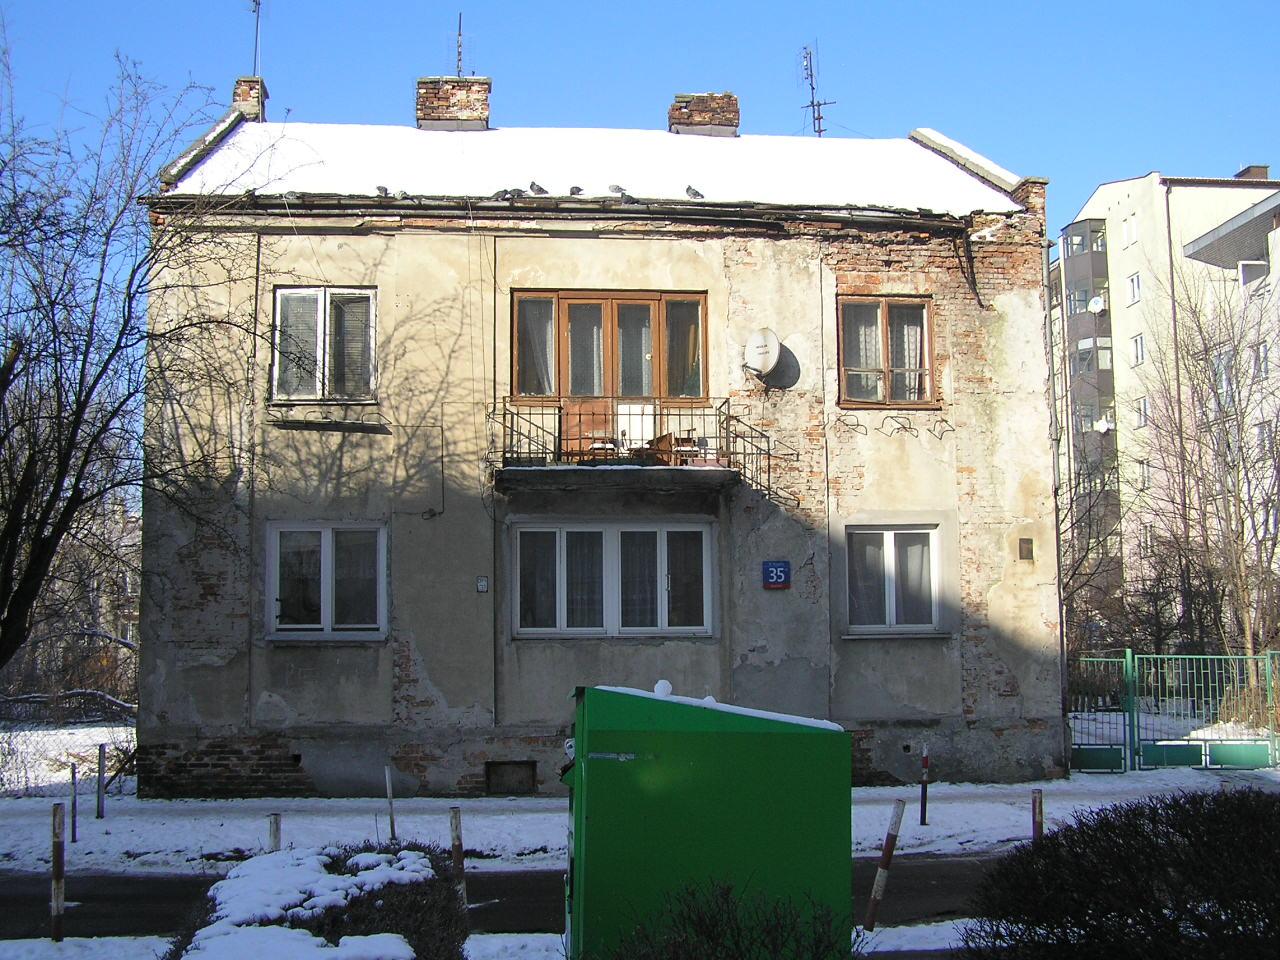 Kamienica przy ulicy Krypskiej 35 na Grochowie